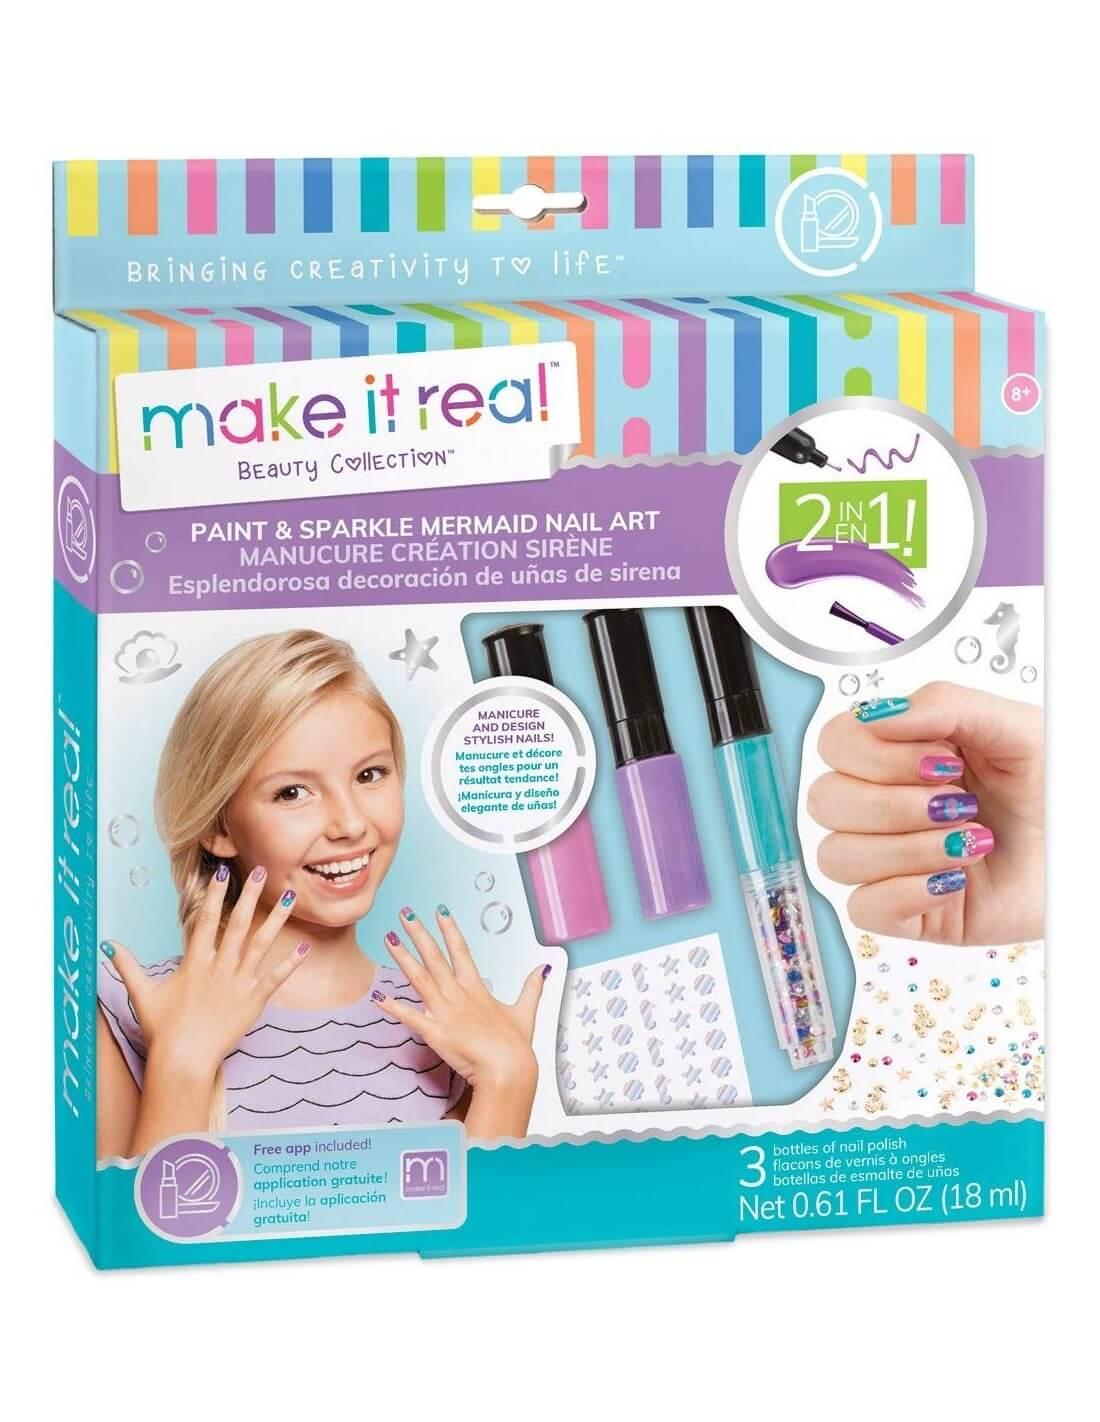 Make it real nail set